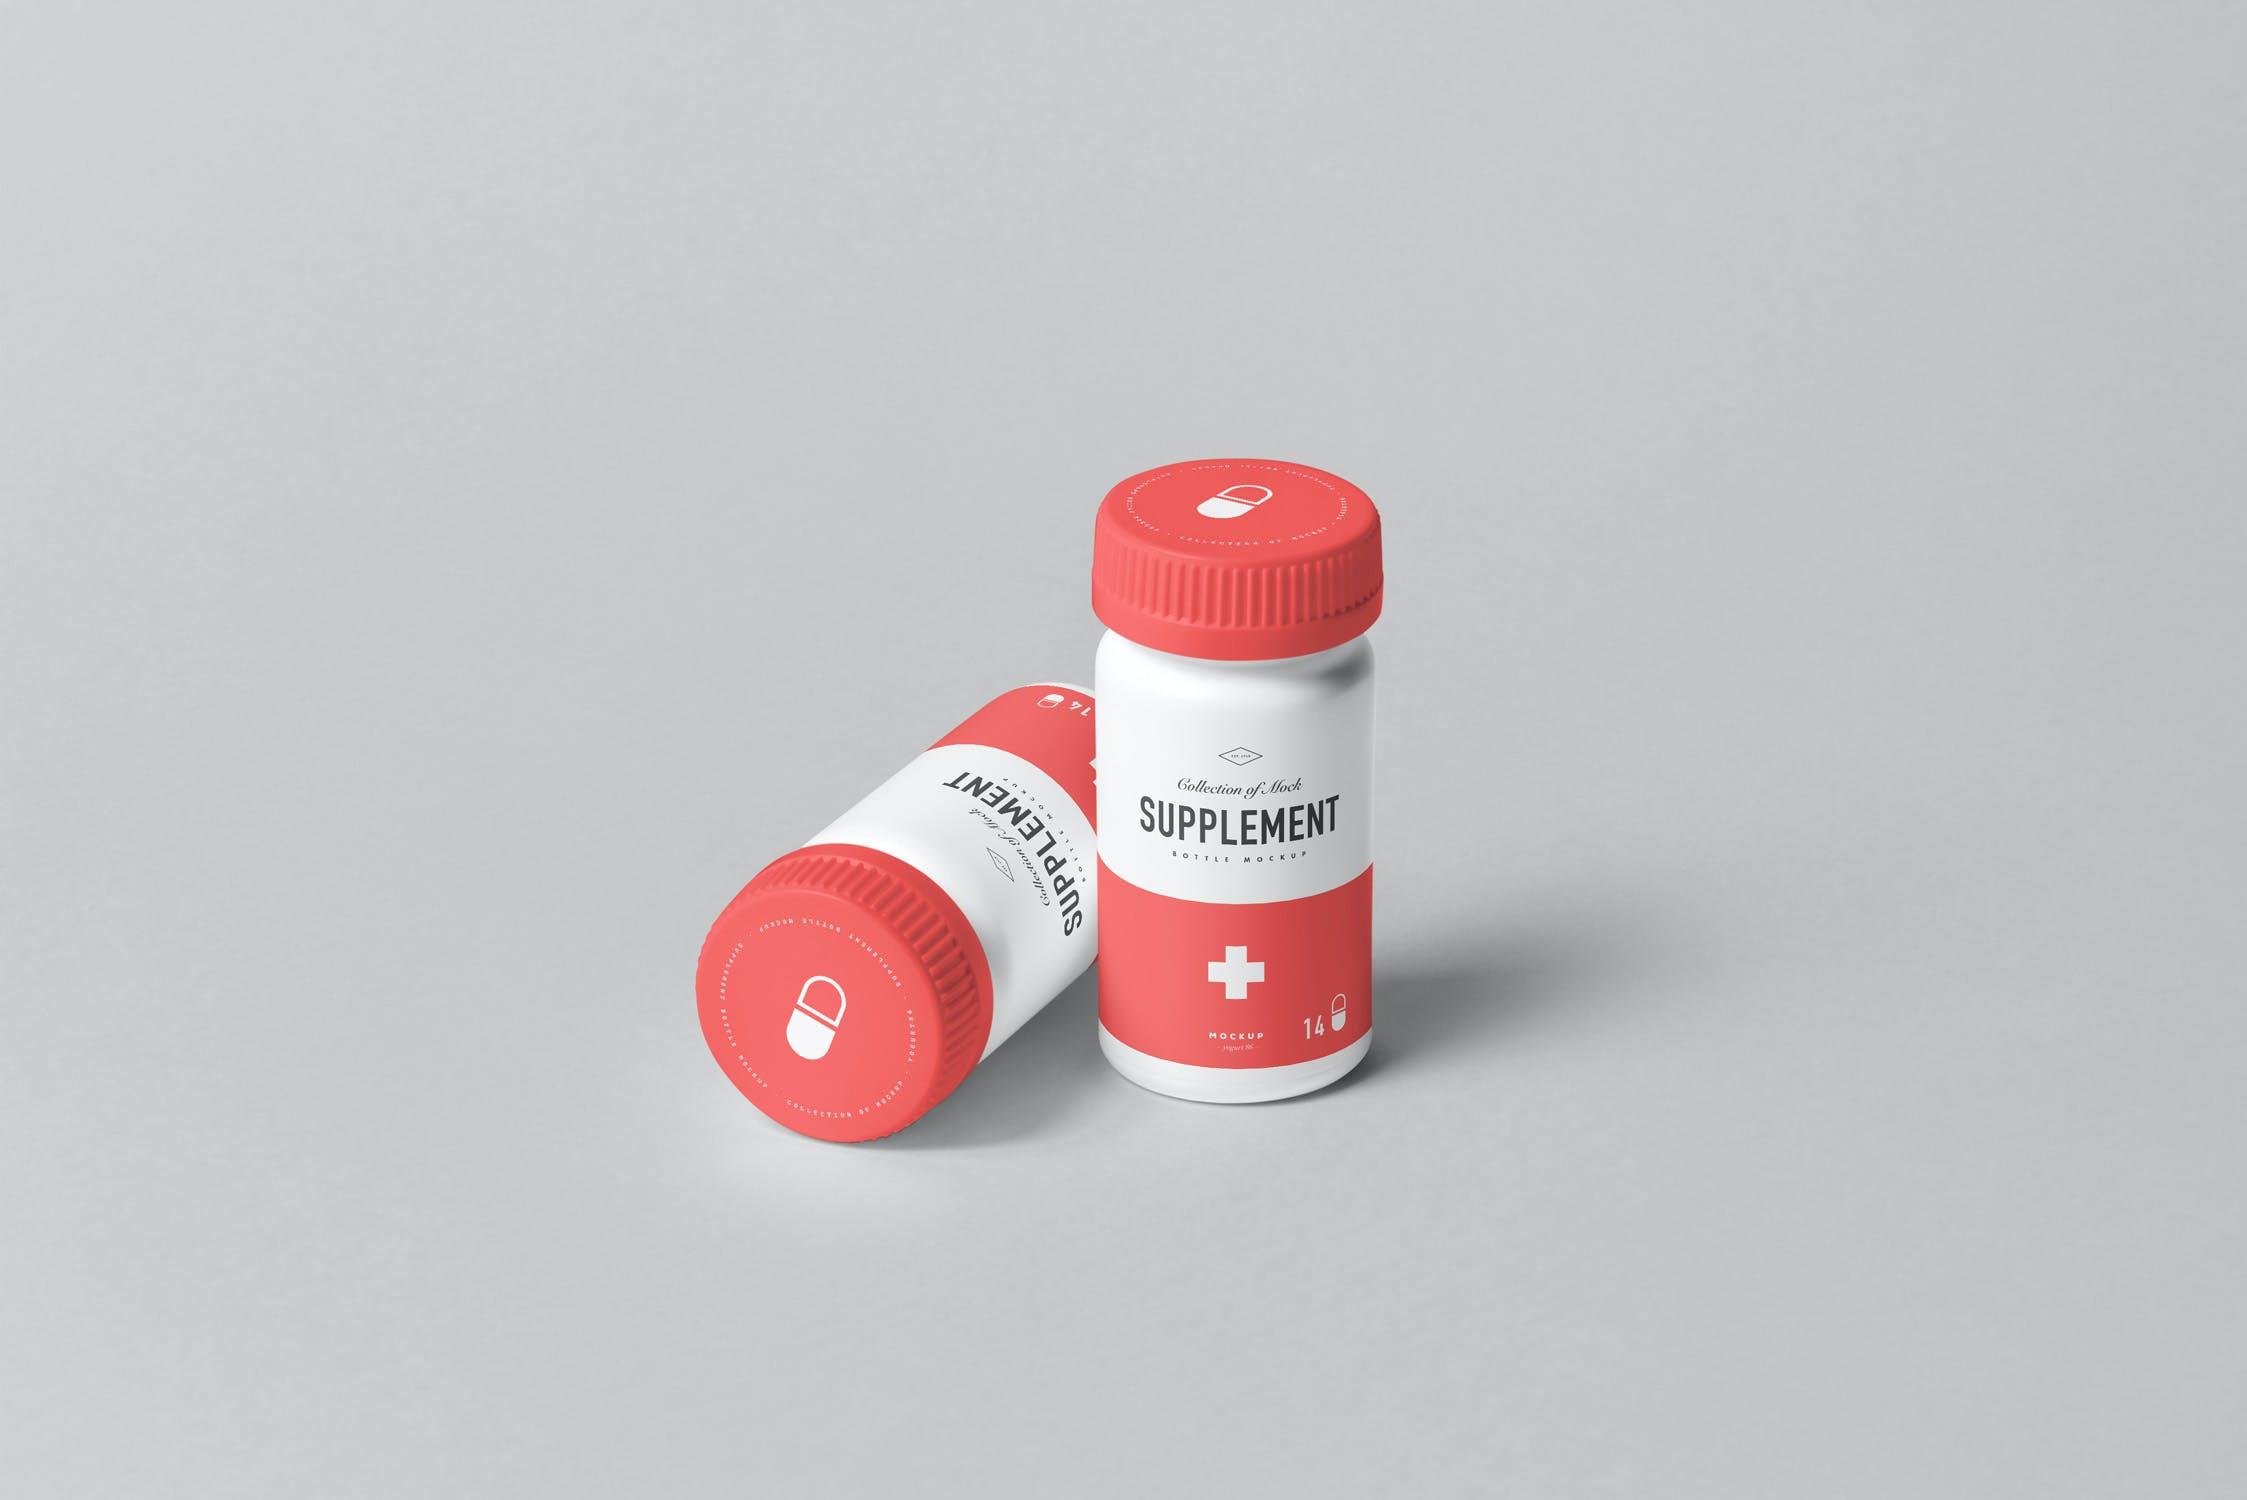 9款药物塑料补充瓶包装纸盒设计展示样机模板 Supplement Jar & Box Mockup 4插图(5)